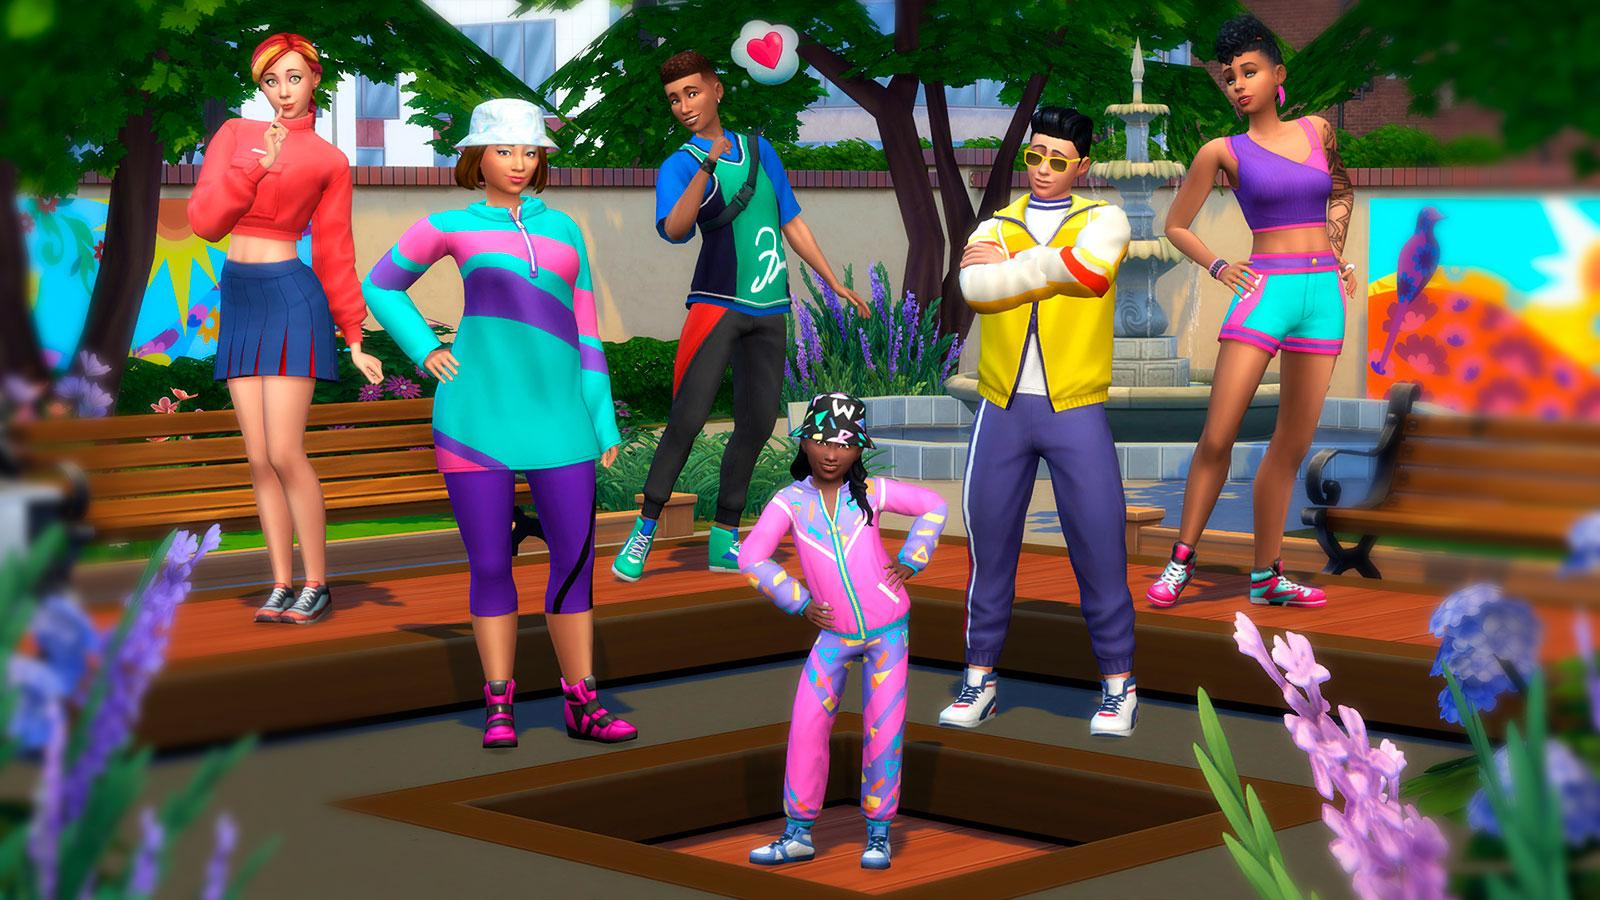 Sims 4 Топ захватывающих игр